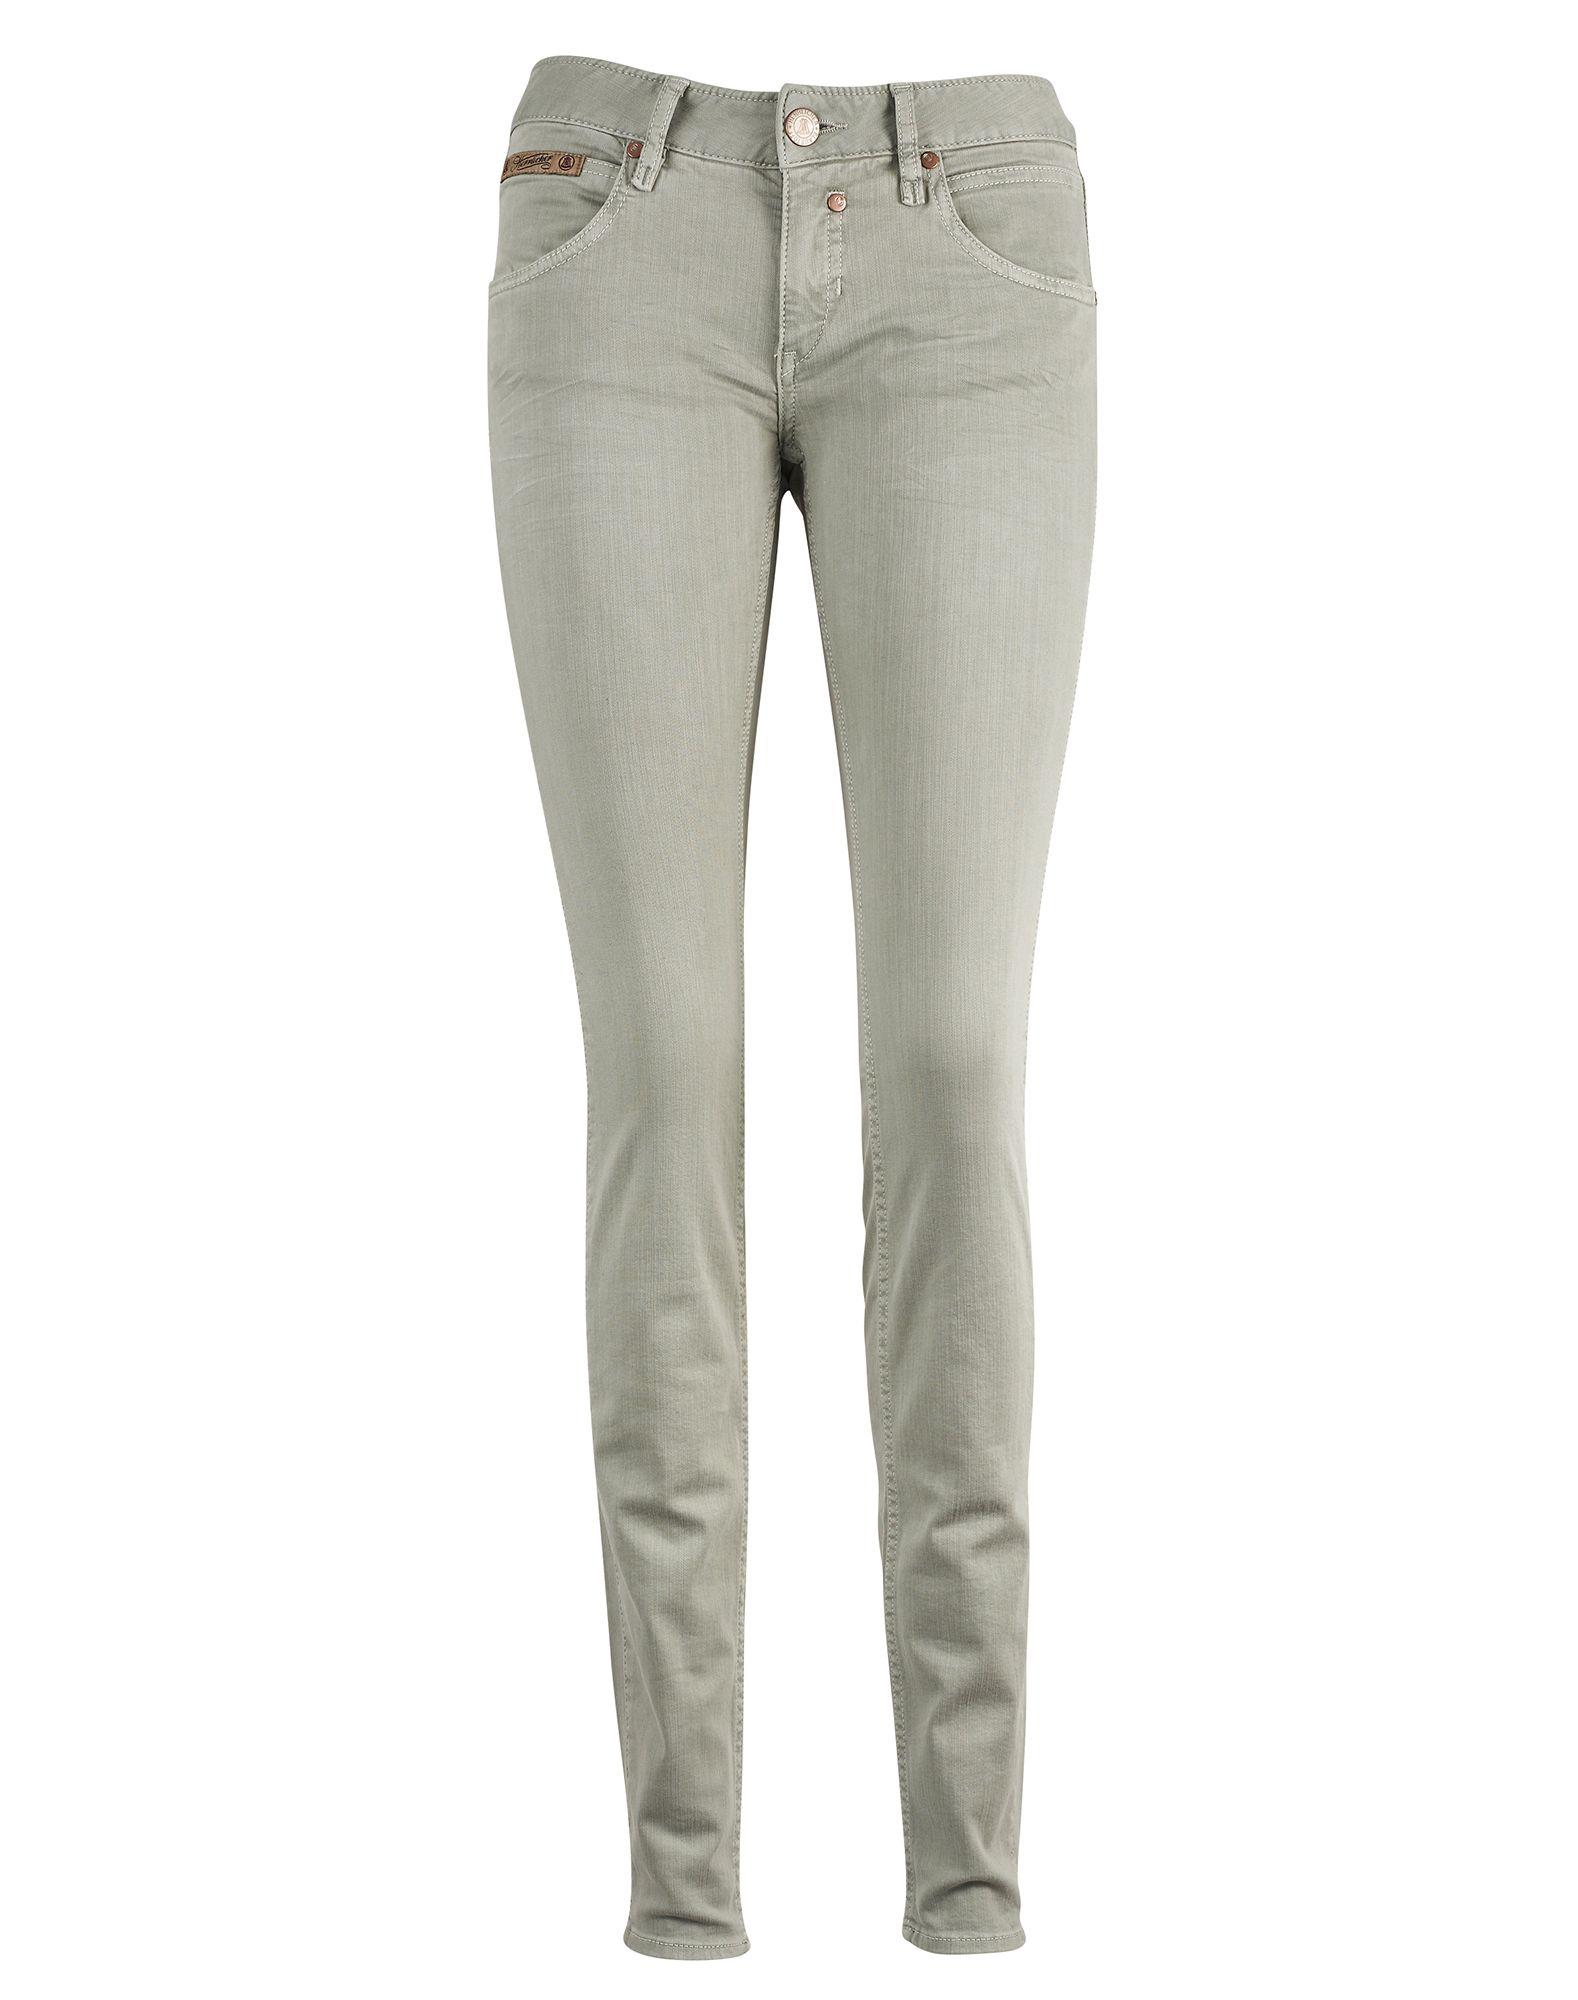 HERRLICHER Herrlicher Jeans »'Touch' Slim-fit Jeans Satin Stretch«